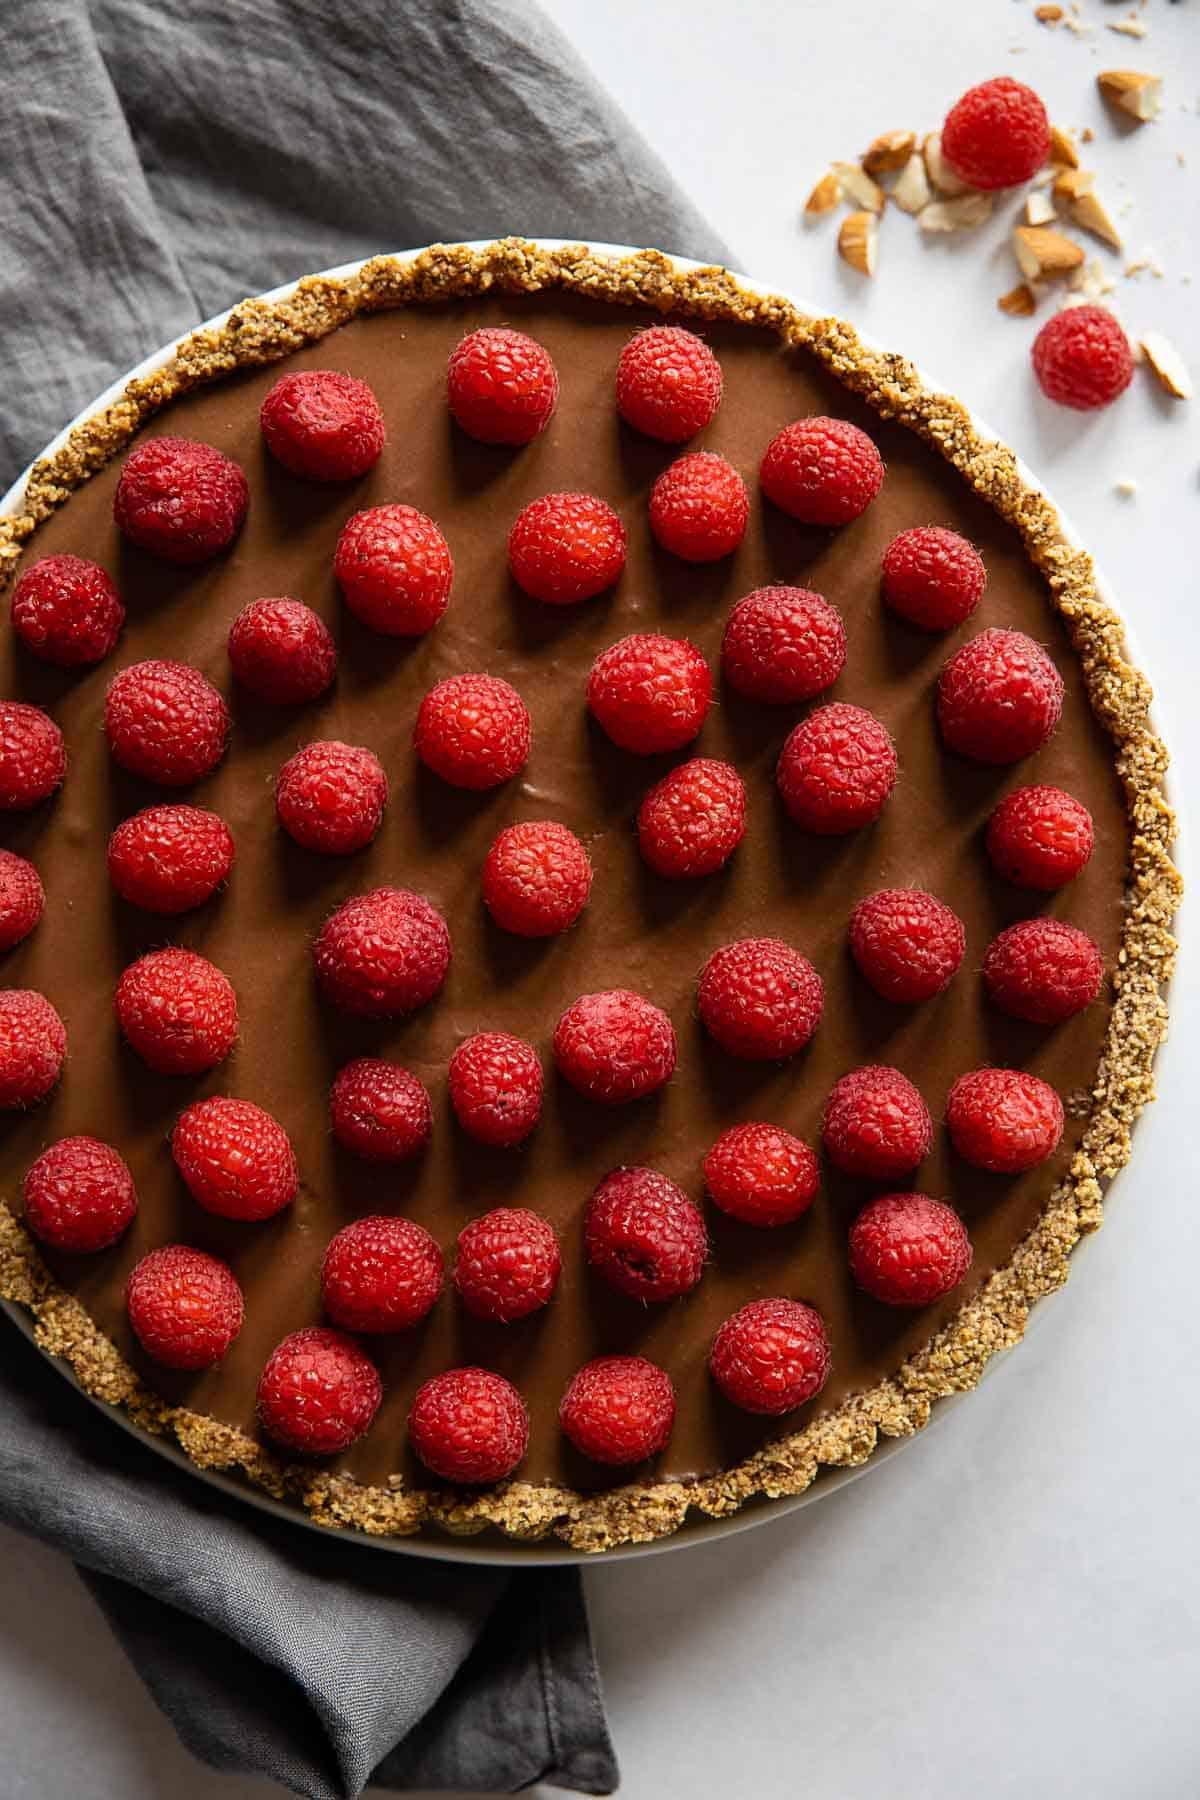 Chocolate Raspberry Tart with grey napkin next to it.